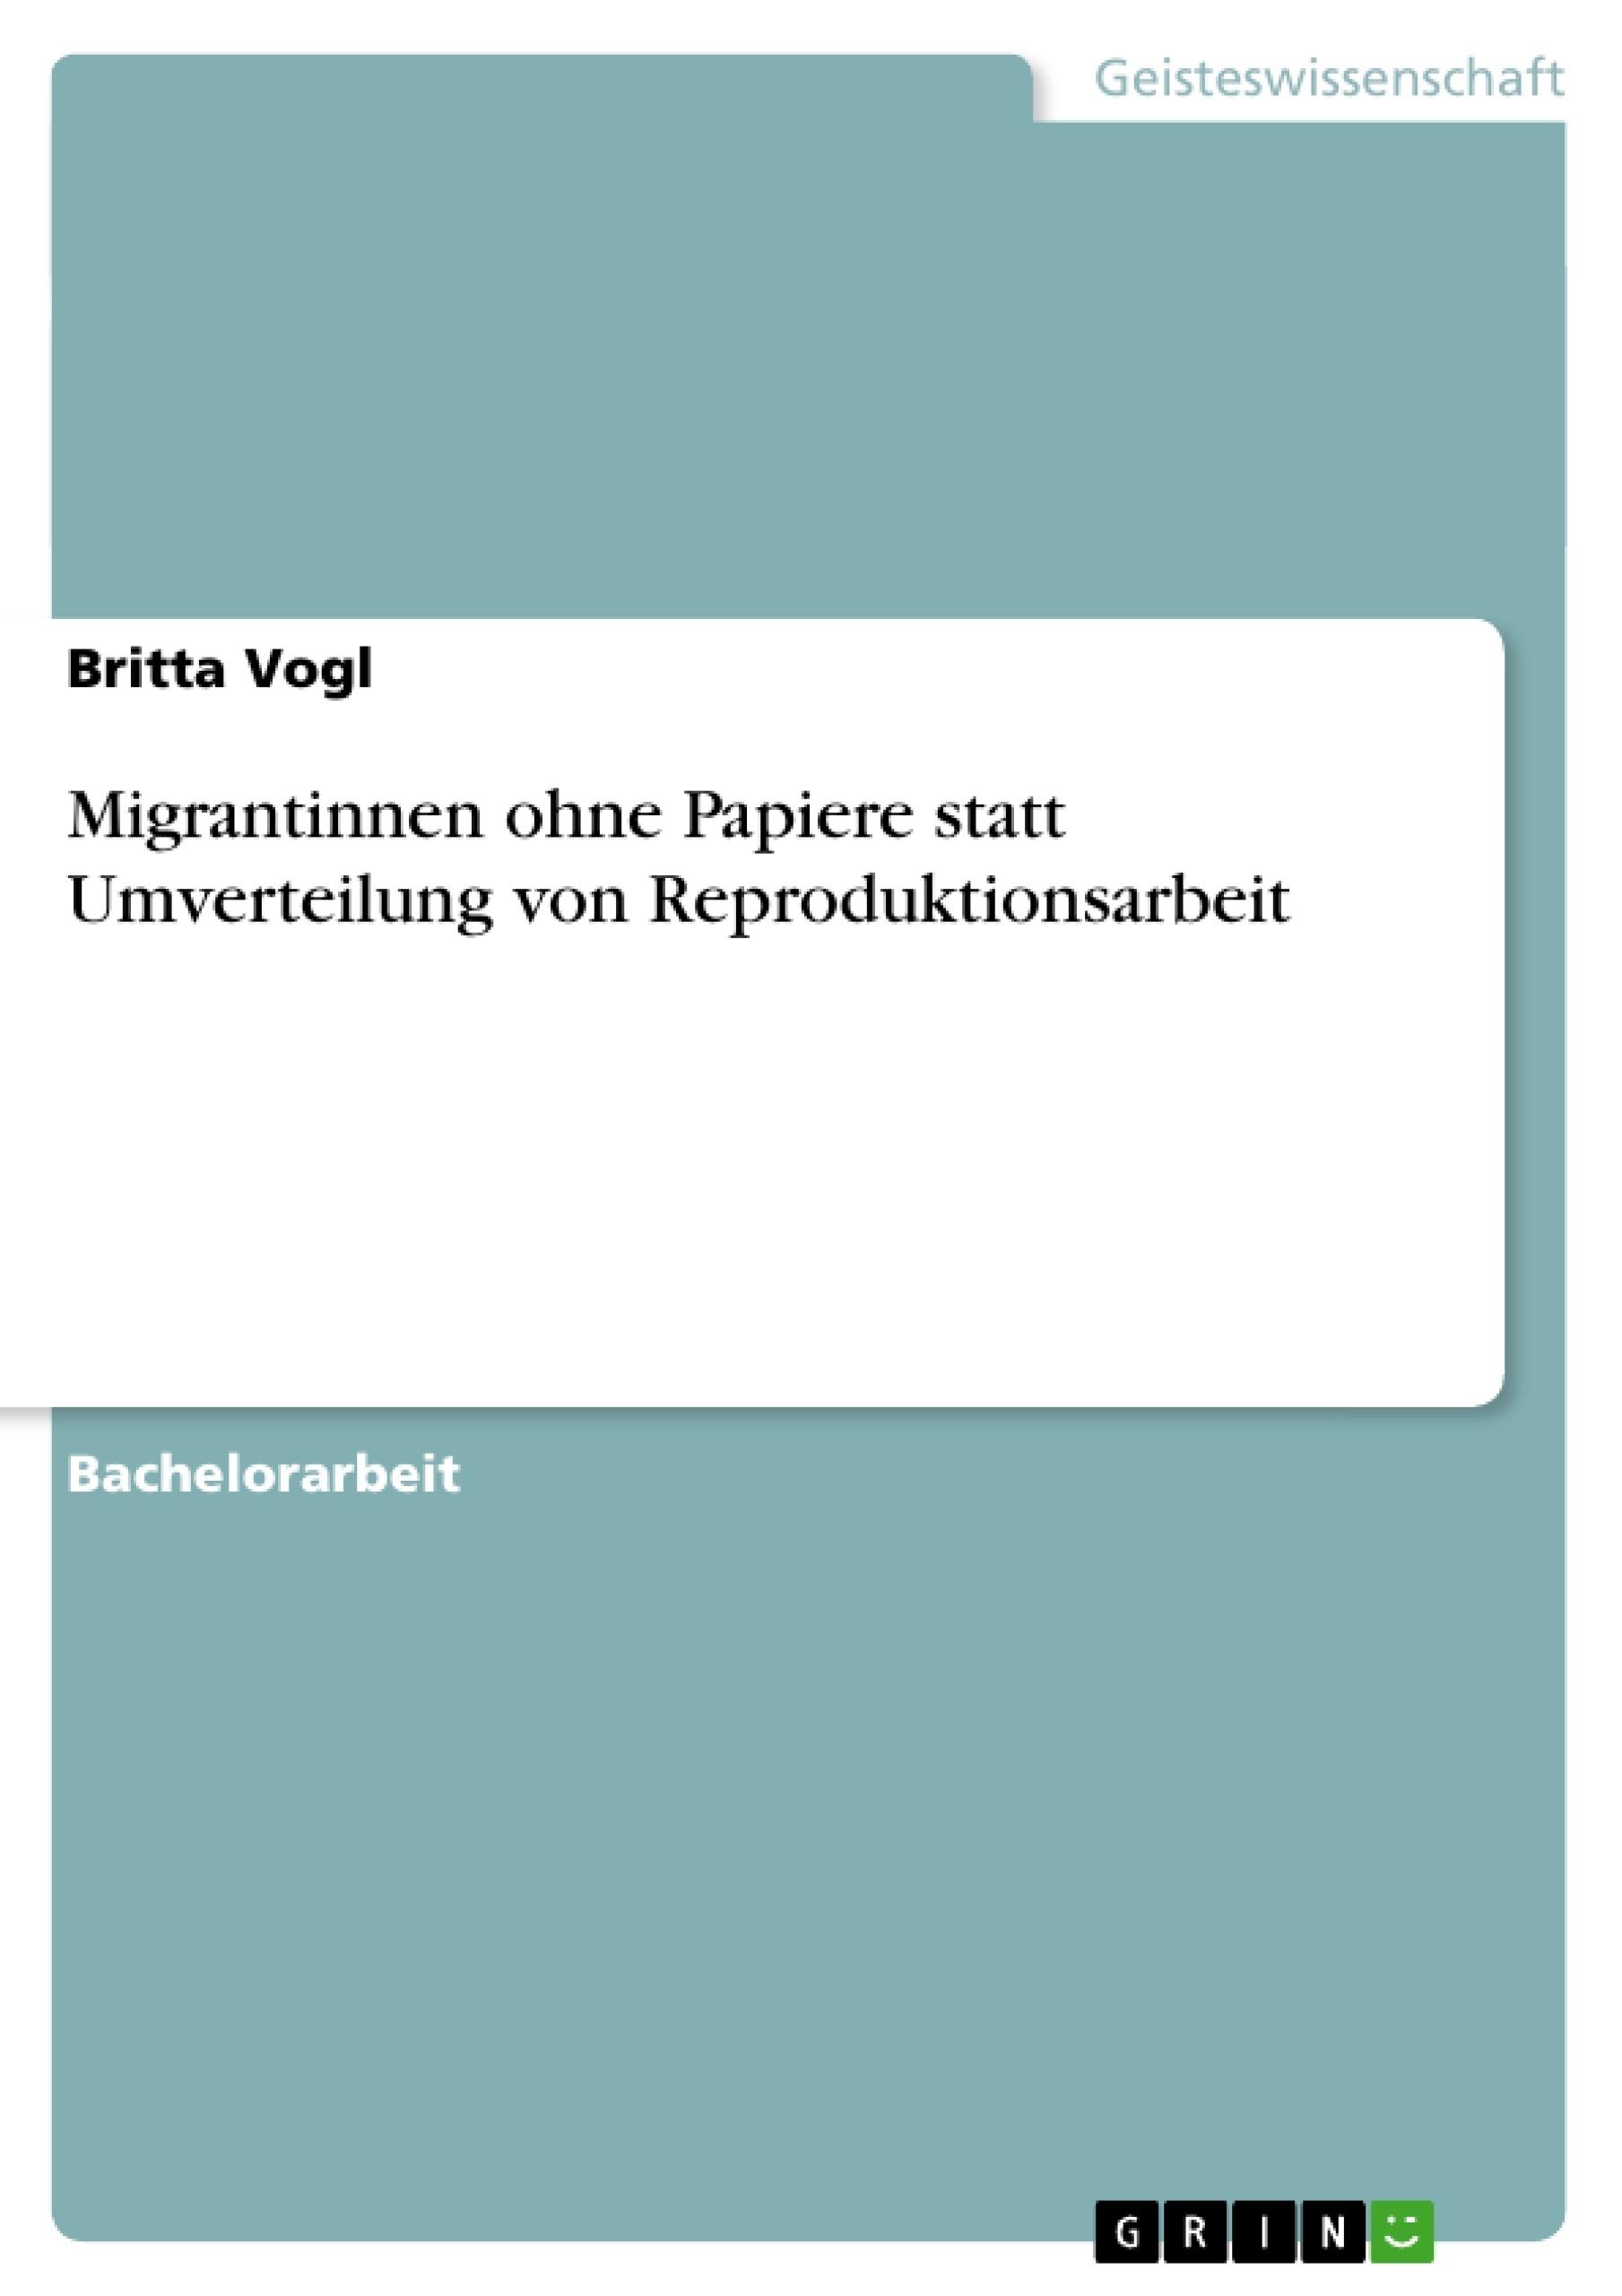 Titel: Migrantinnen ohne Papiere statt Umverteilung von Reproduktionsarbeit